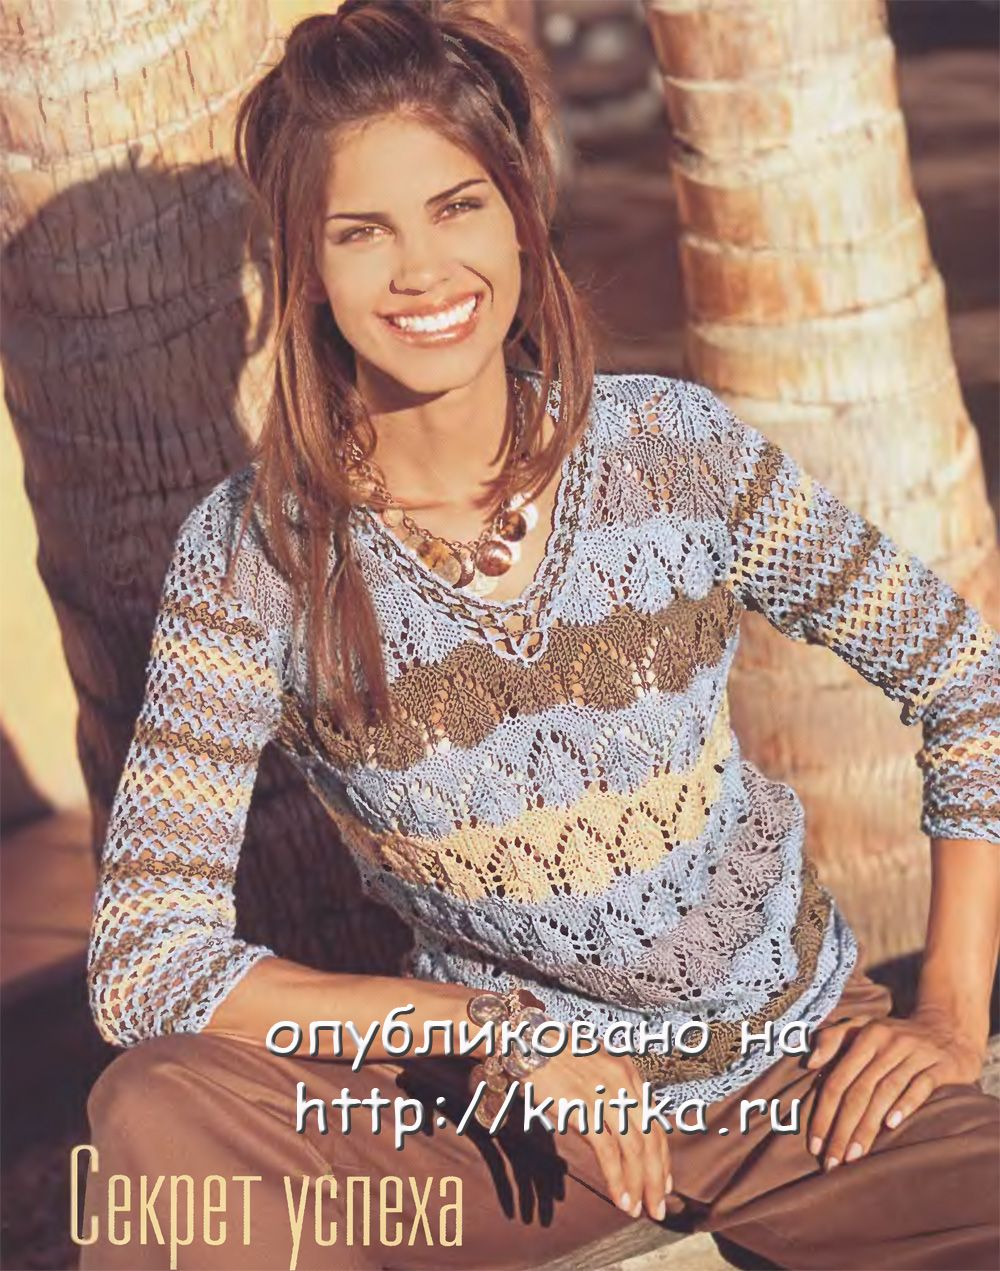 http://knitka.ru/knitting-schemes-pictures/2010/05/sviterq1.jpg